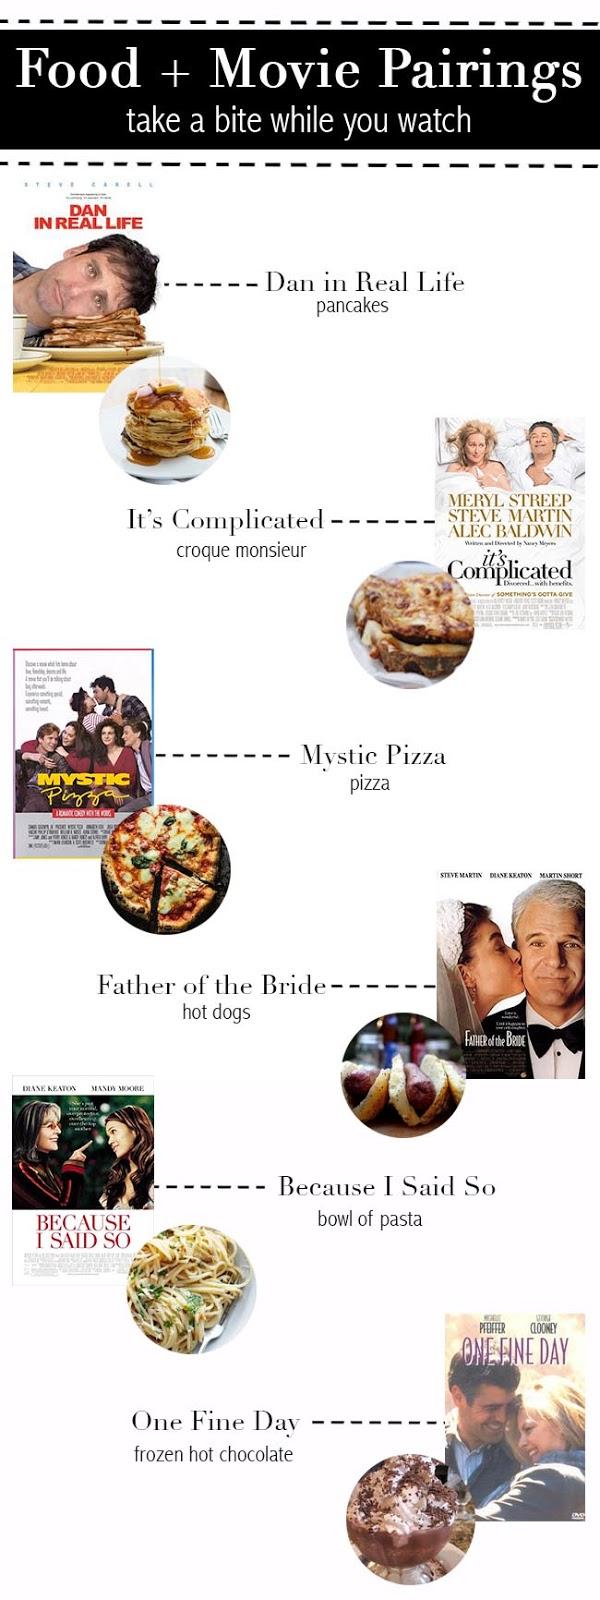 food-and-movie-pairings.jpg